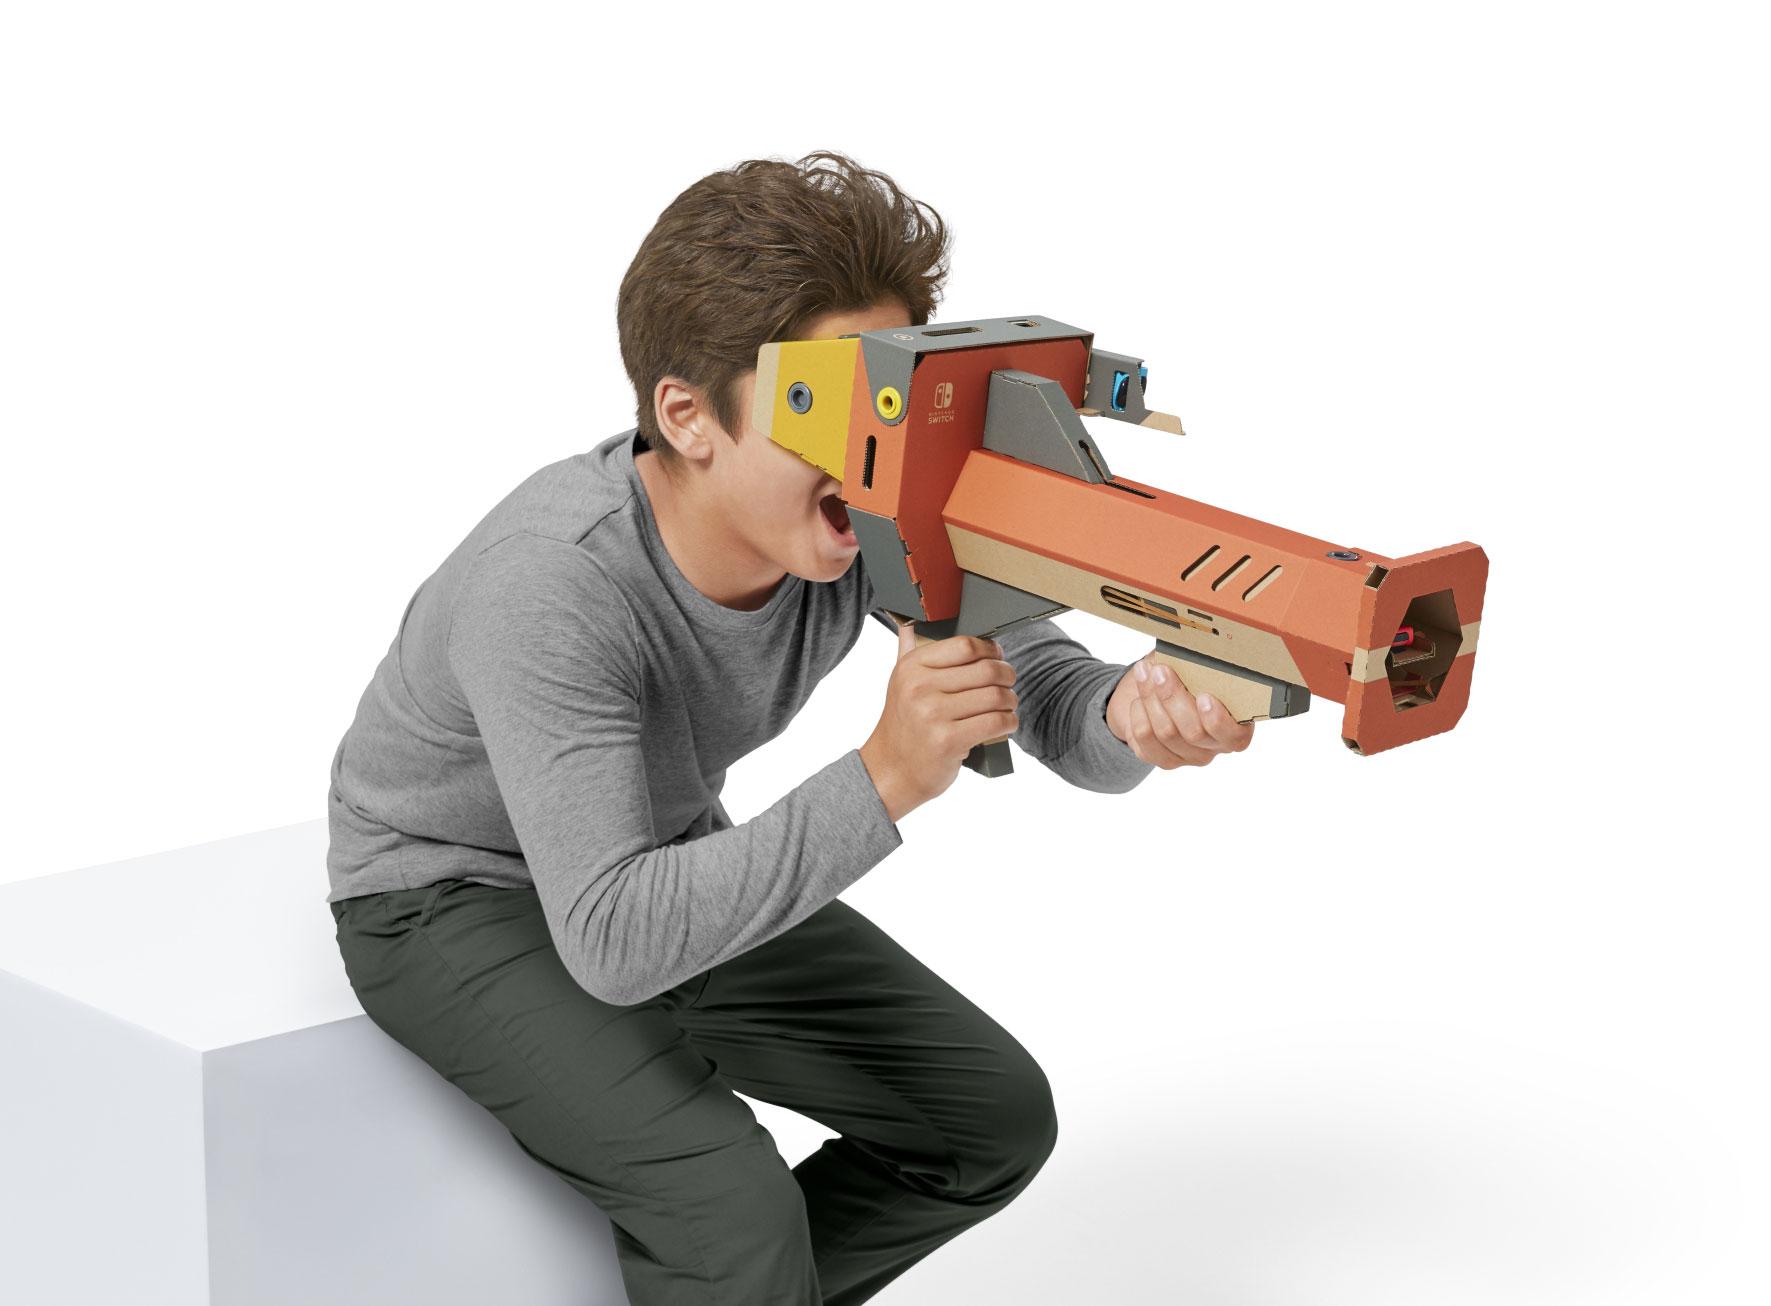 """Neben dem Cardboard-ähnlichen VR-Basis-Modell enthält das """"Toy Con 04""""-Set auch Headset-Bastelbögen wie diesen VR-Blaster."""